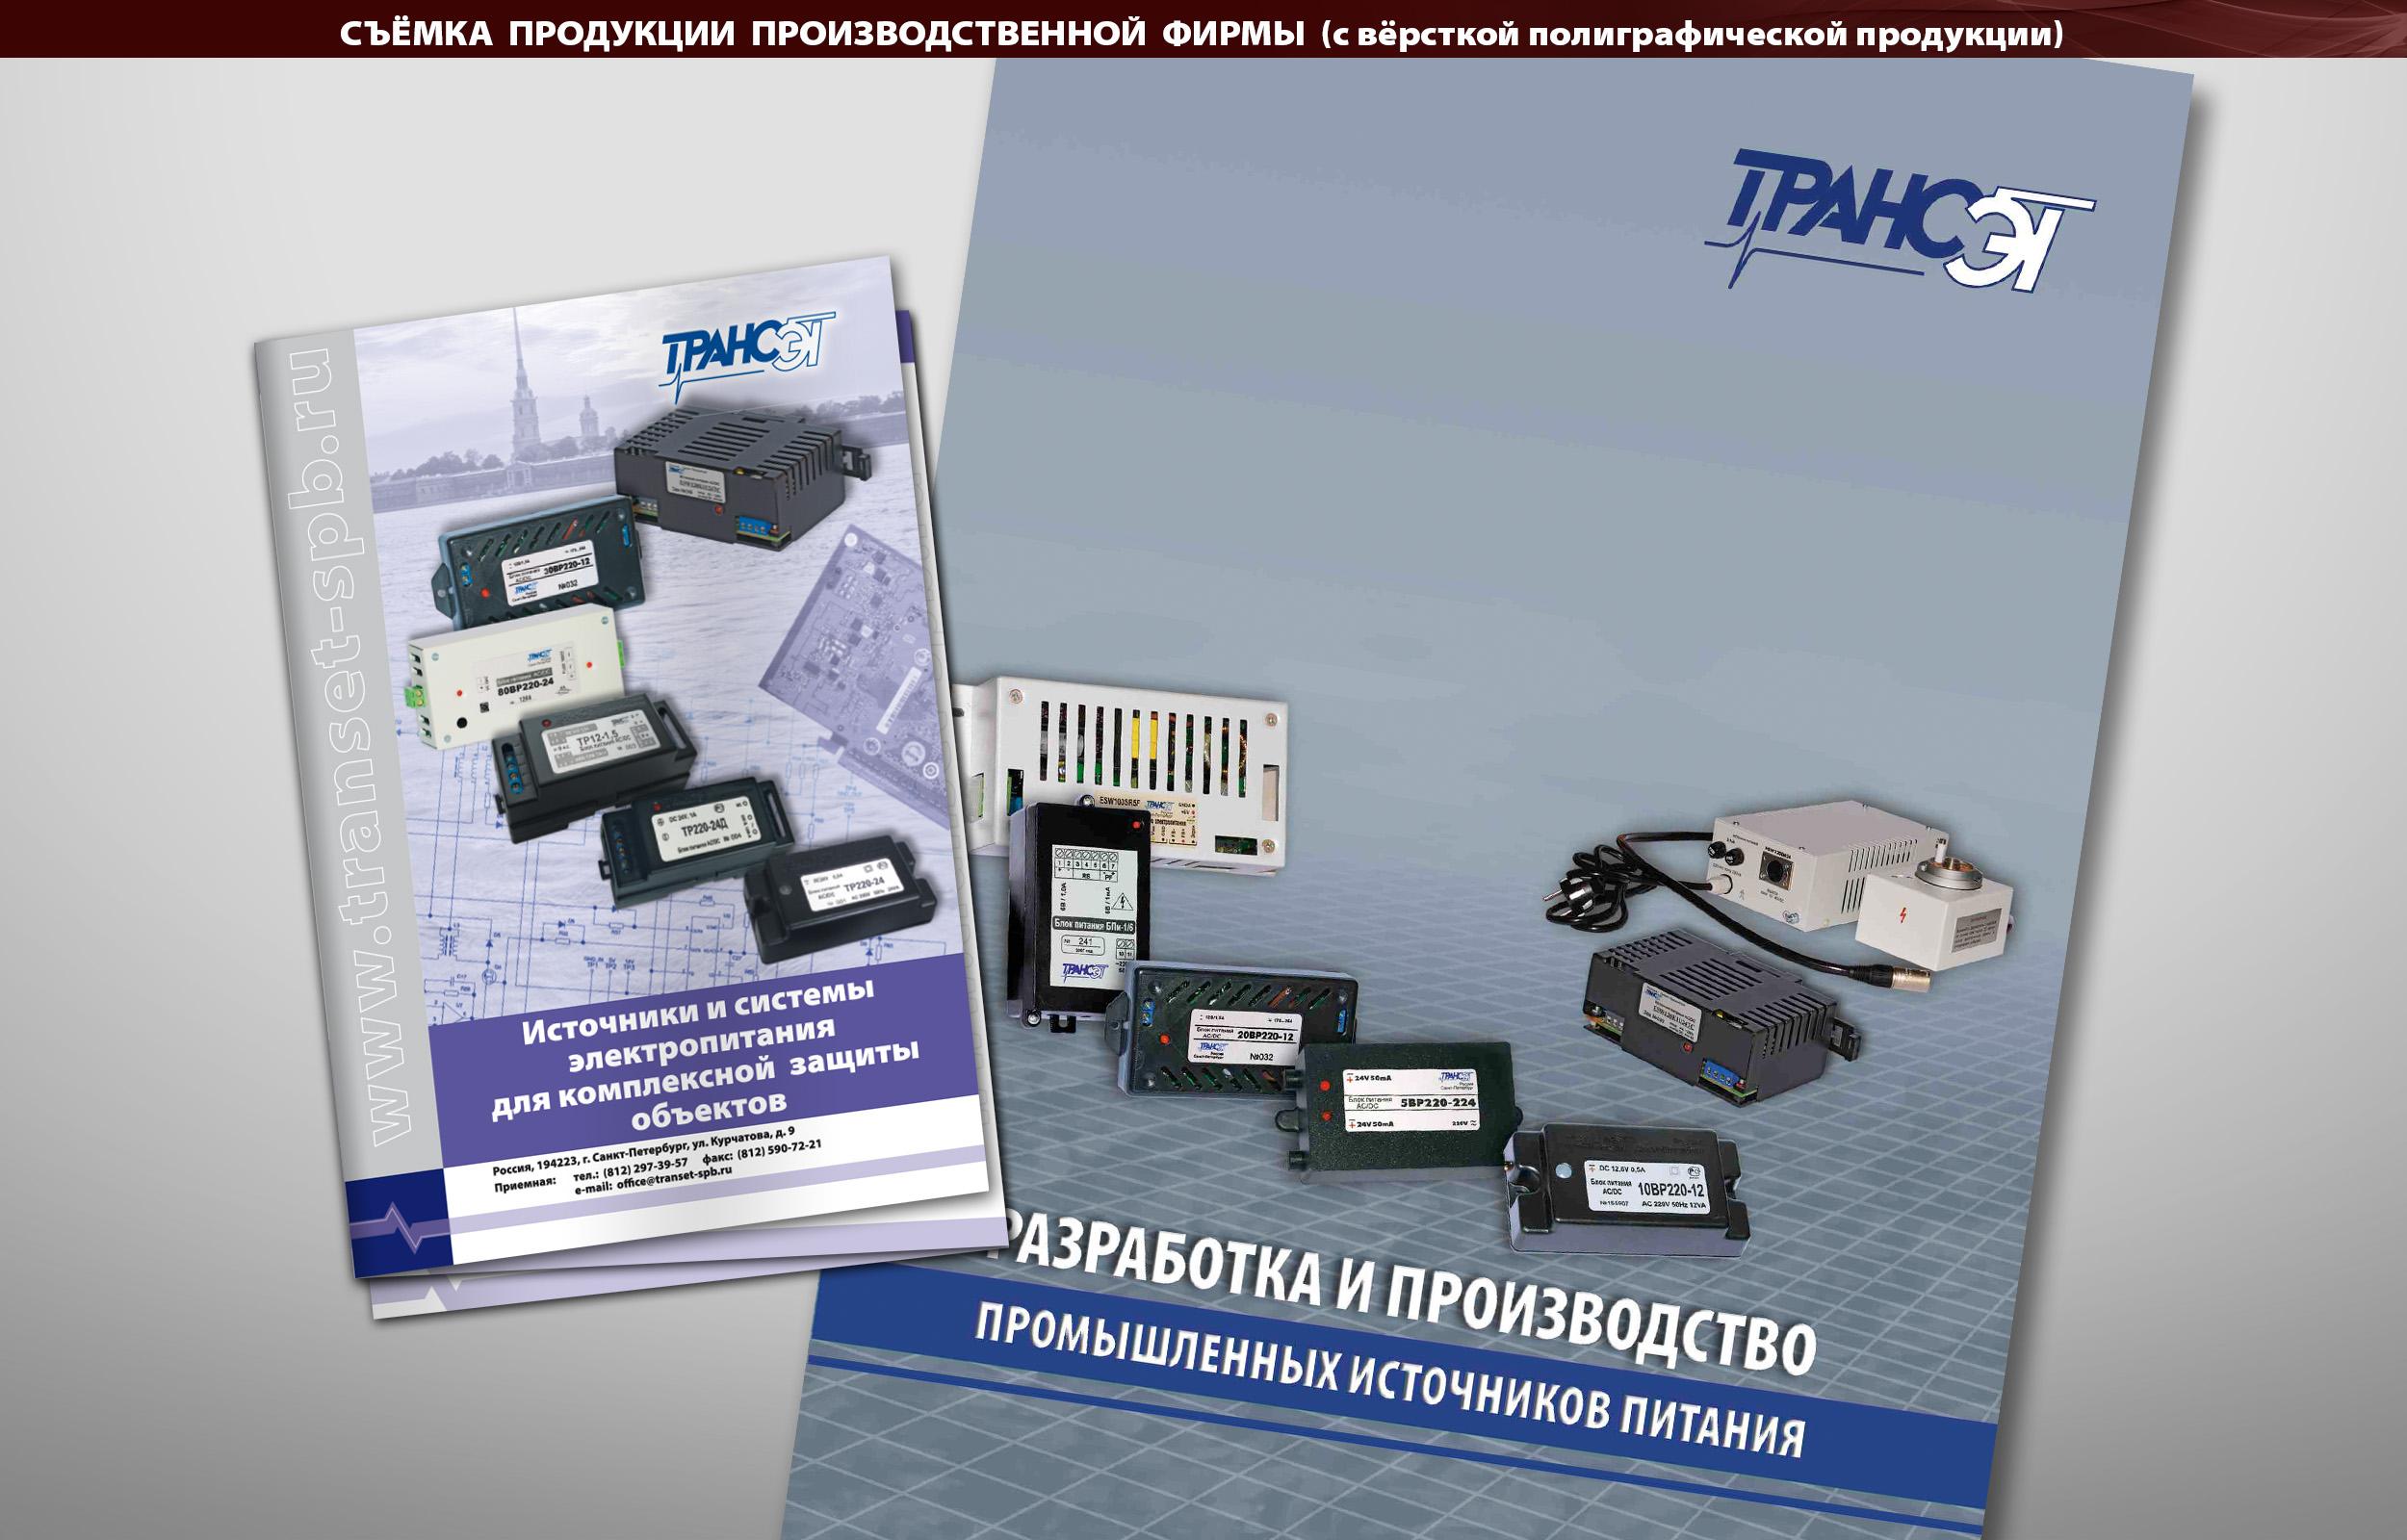 Съёмка продукции производственной фирмы (с вёрсткой полиграфической продукции)